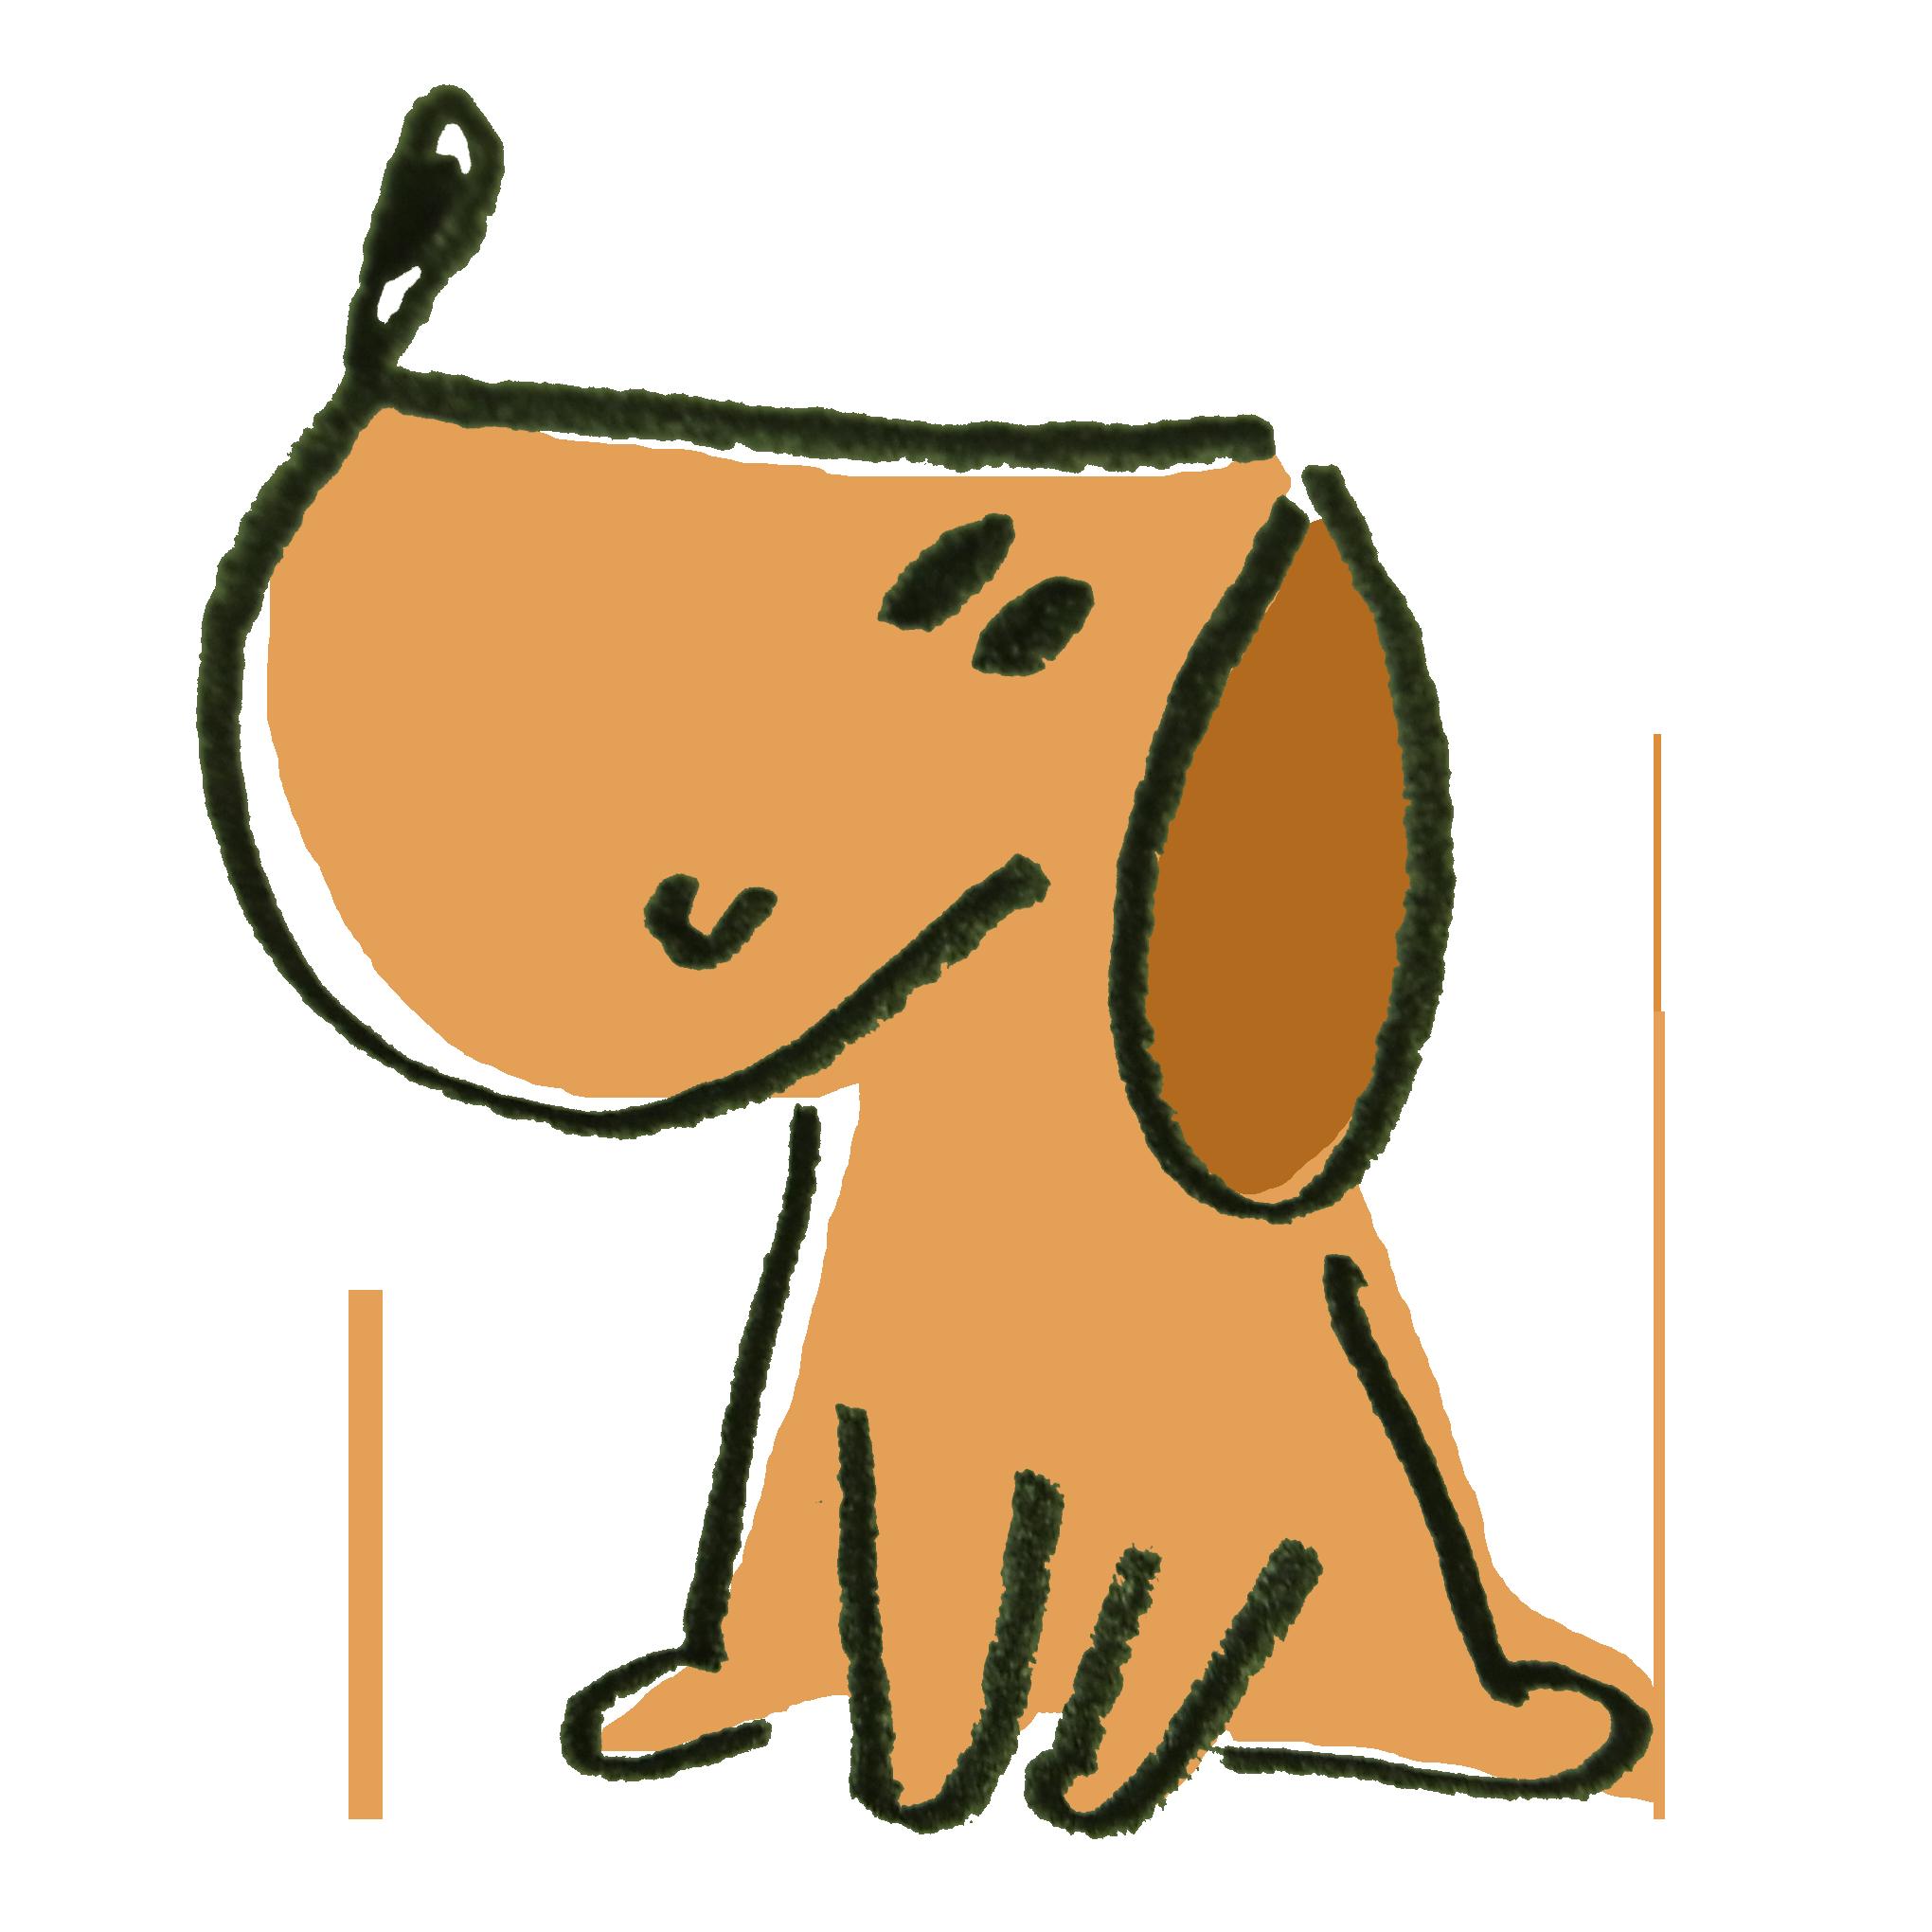 良い子にお座りして待つ犬のイラスト ゆるくてかわいい無料イラスト